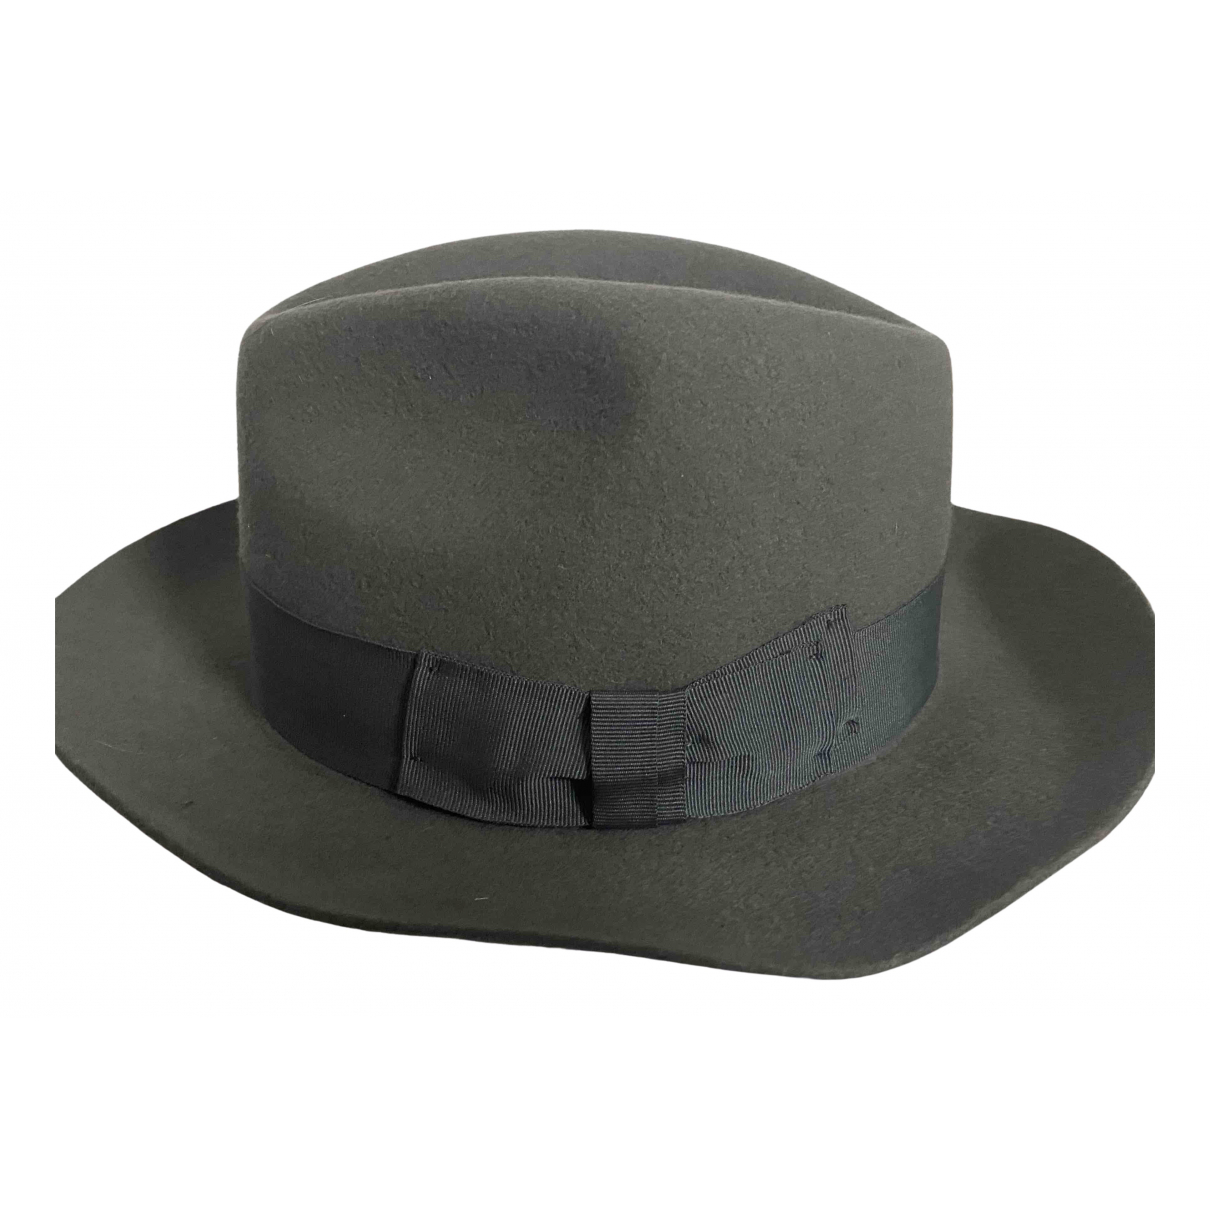 Paul Smith - Chapeau & Bonnets   pour homme en laine - gris